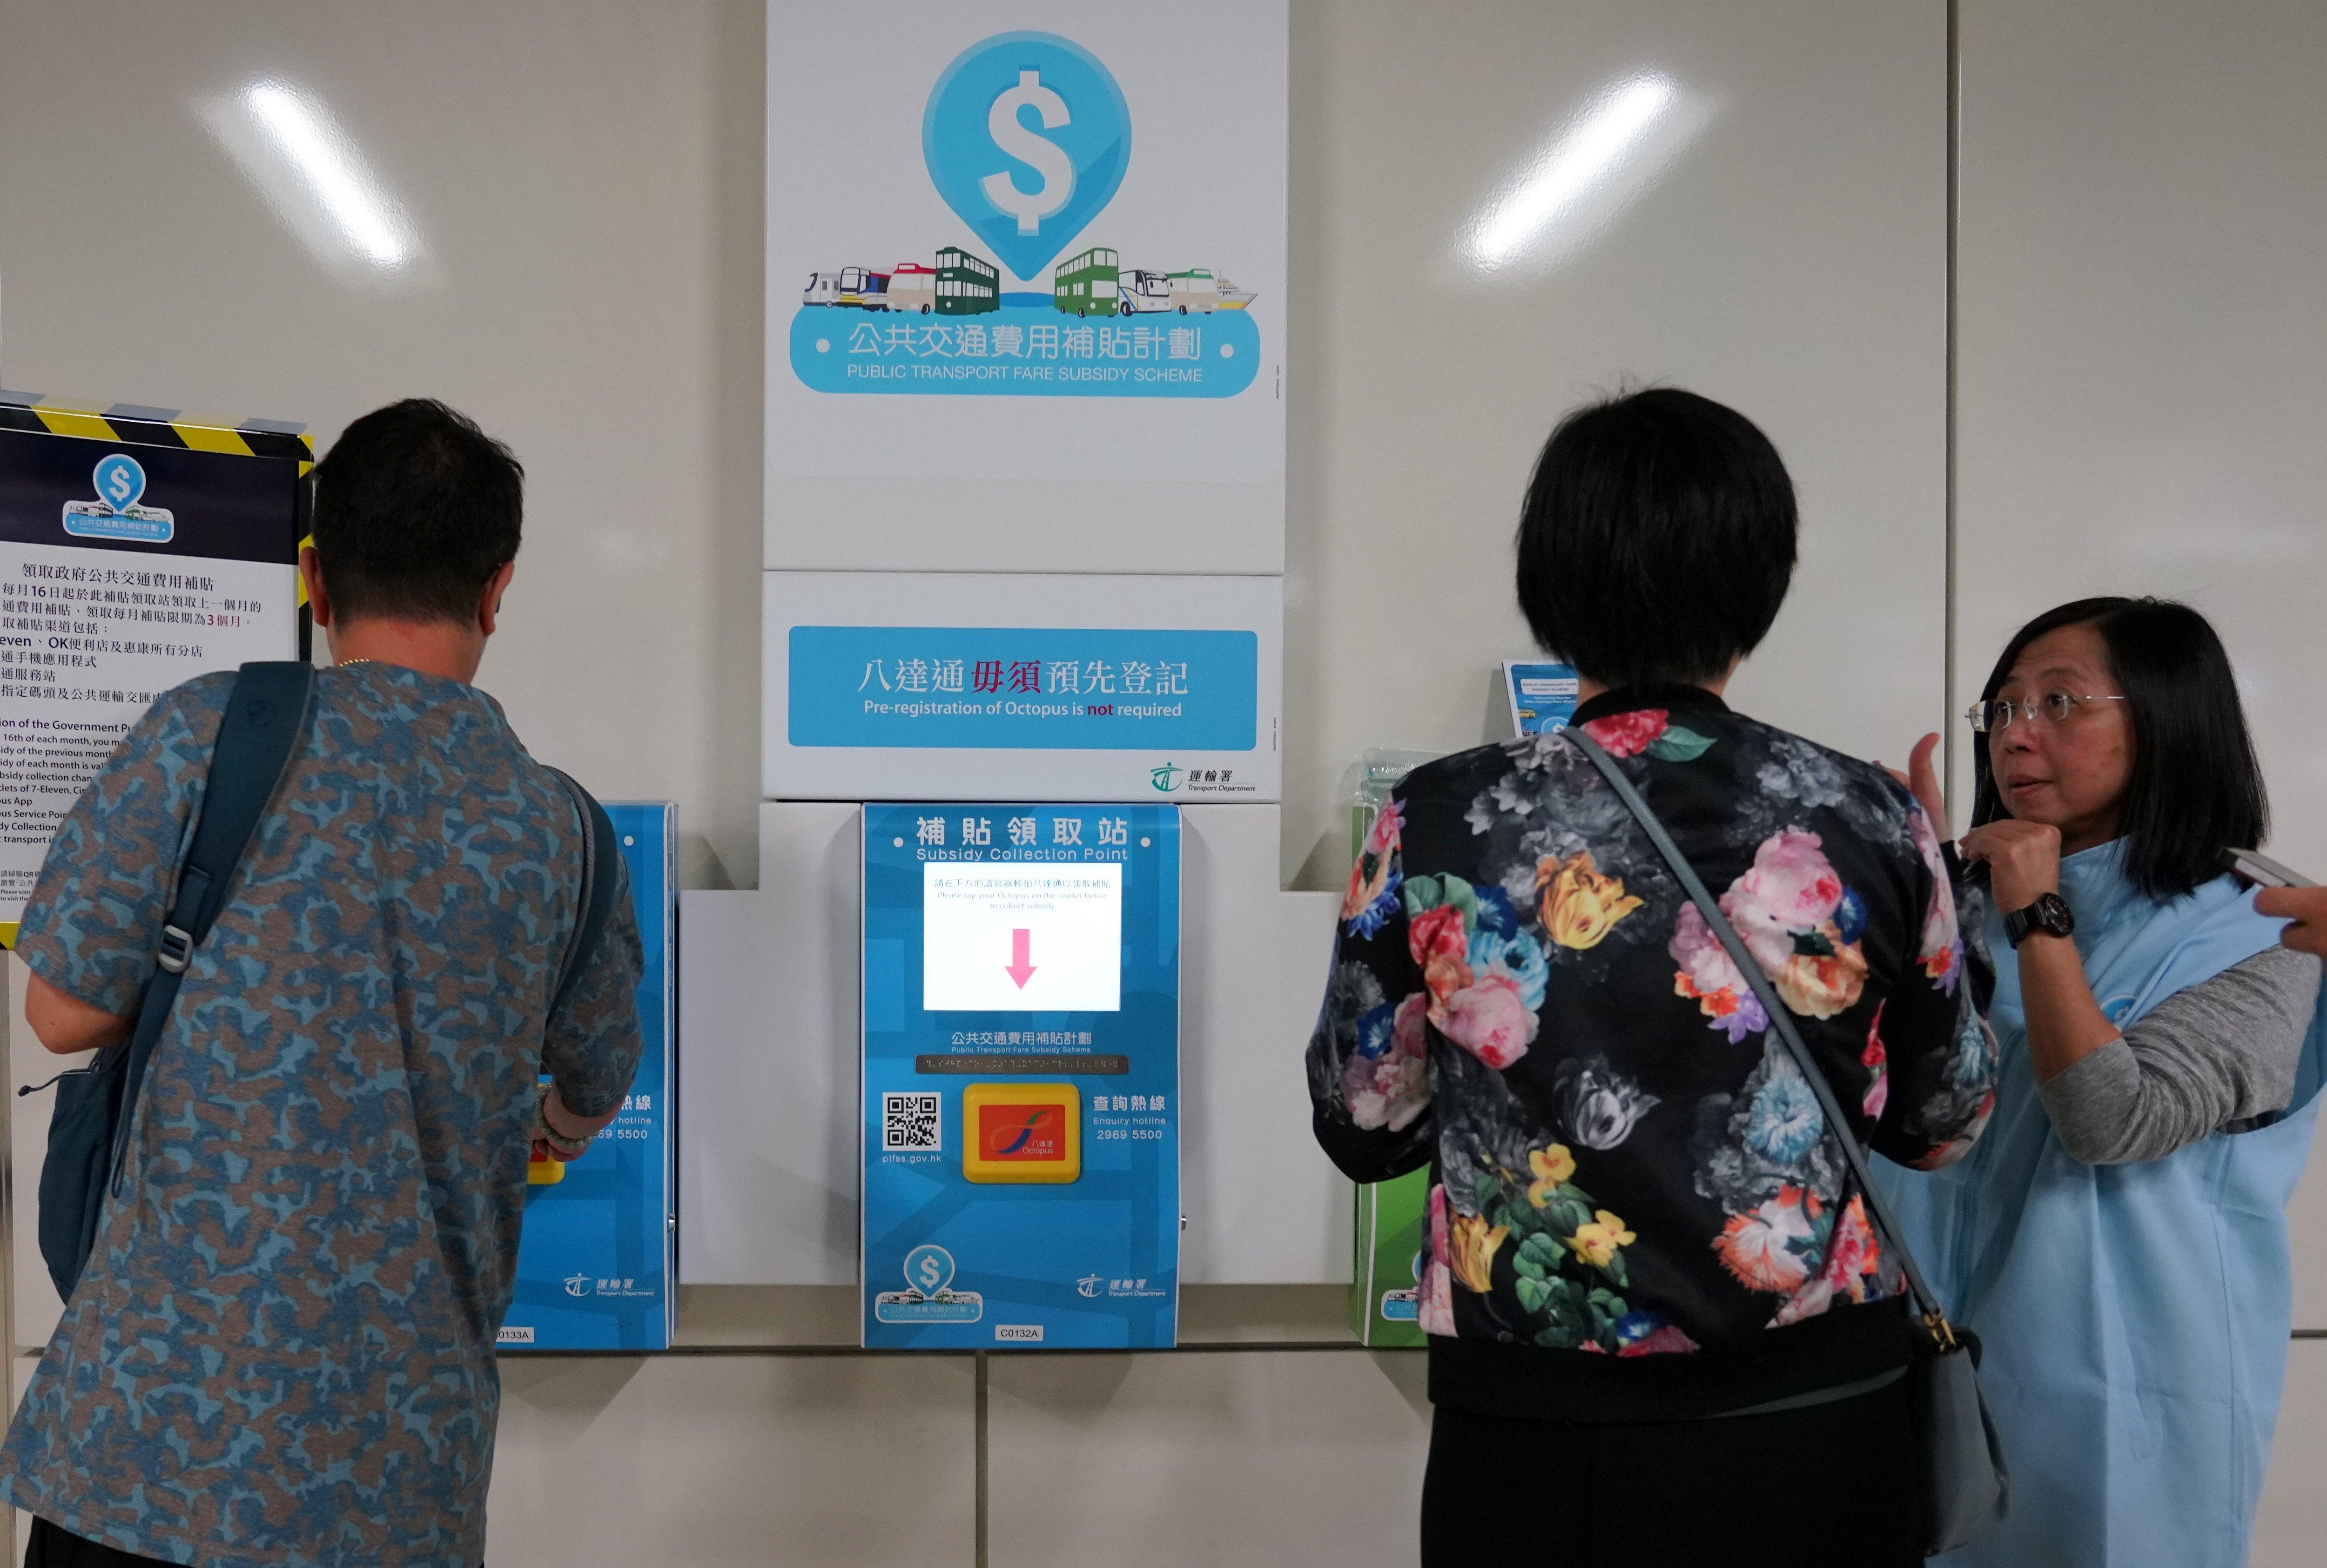 交通补贴领取首两日 107万港人领走1亿元